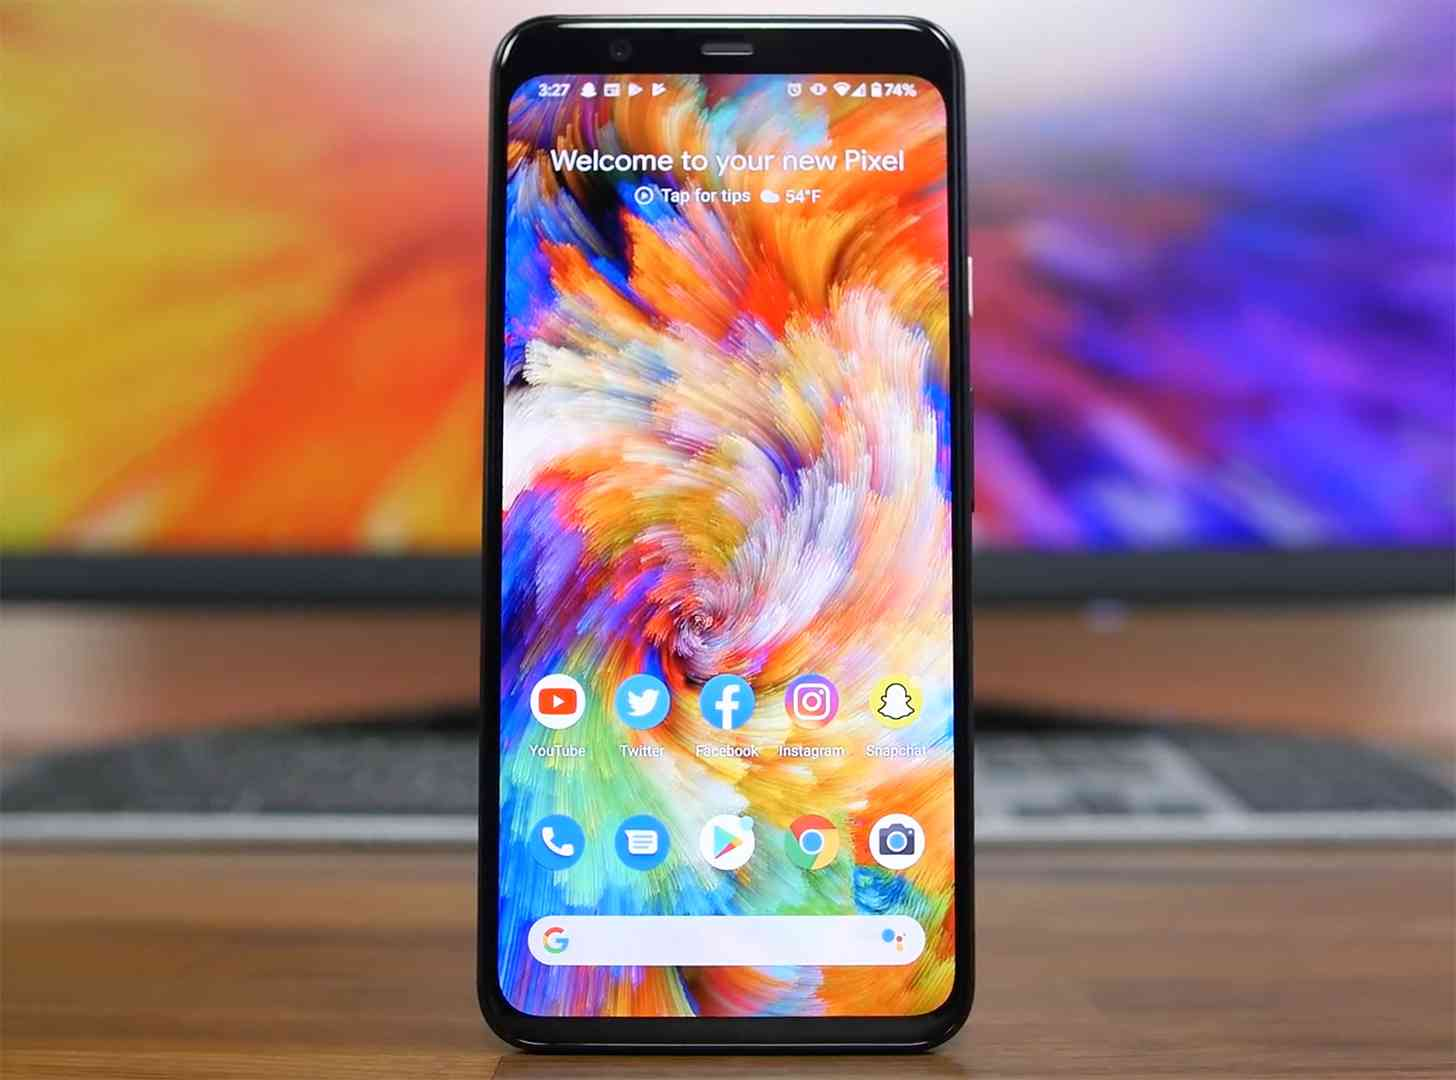 Pixel 4 XL hands-on video